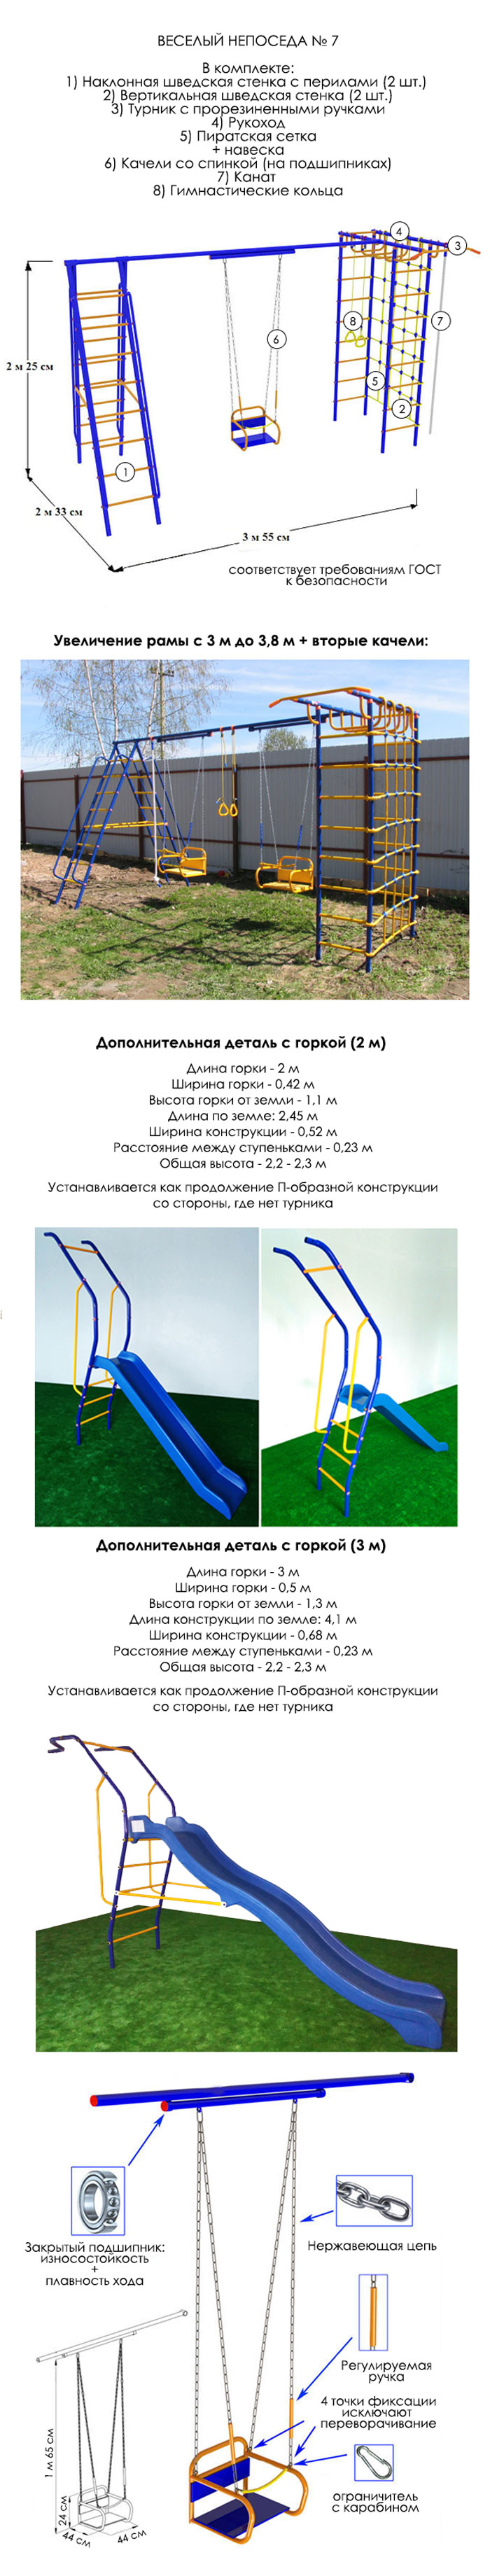 Детская дачная площадка Веселый непоседа модель номер 7 с характеристиками